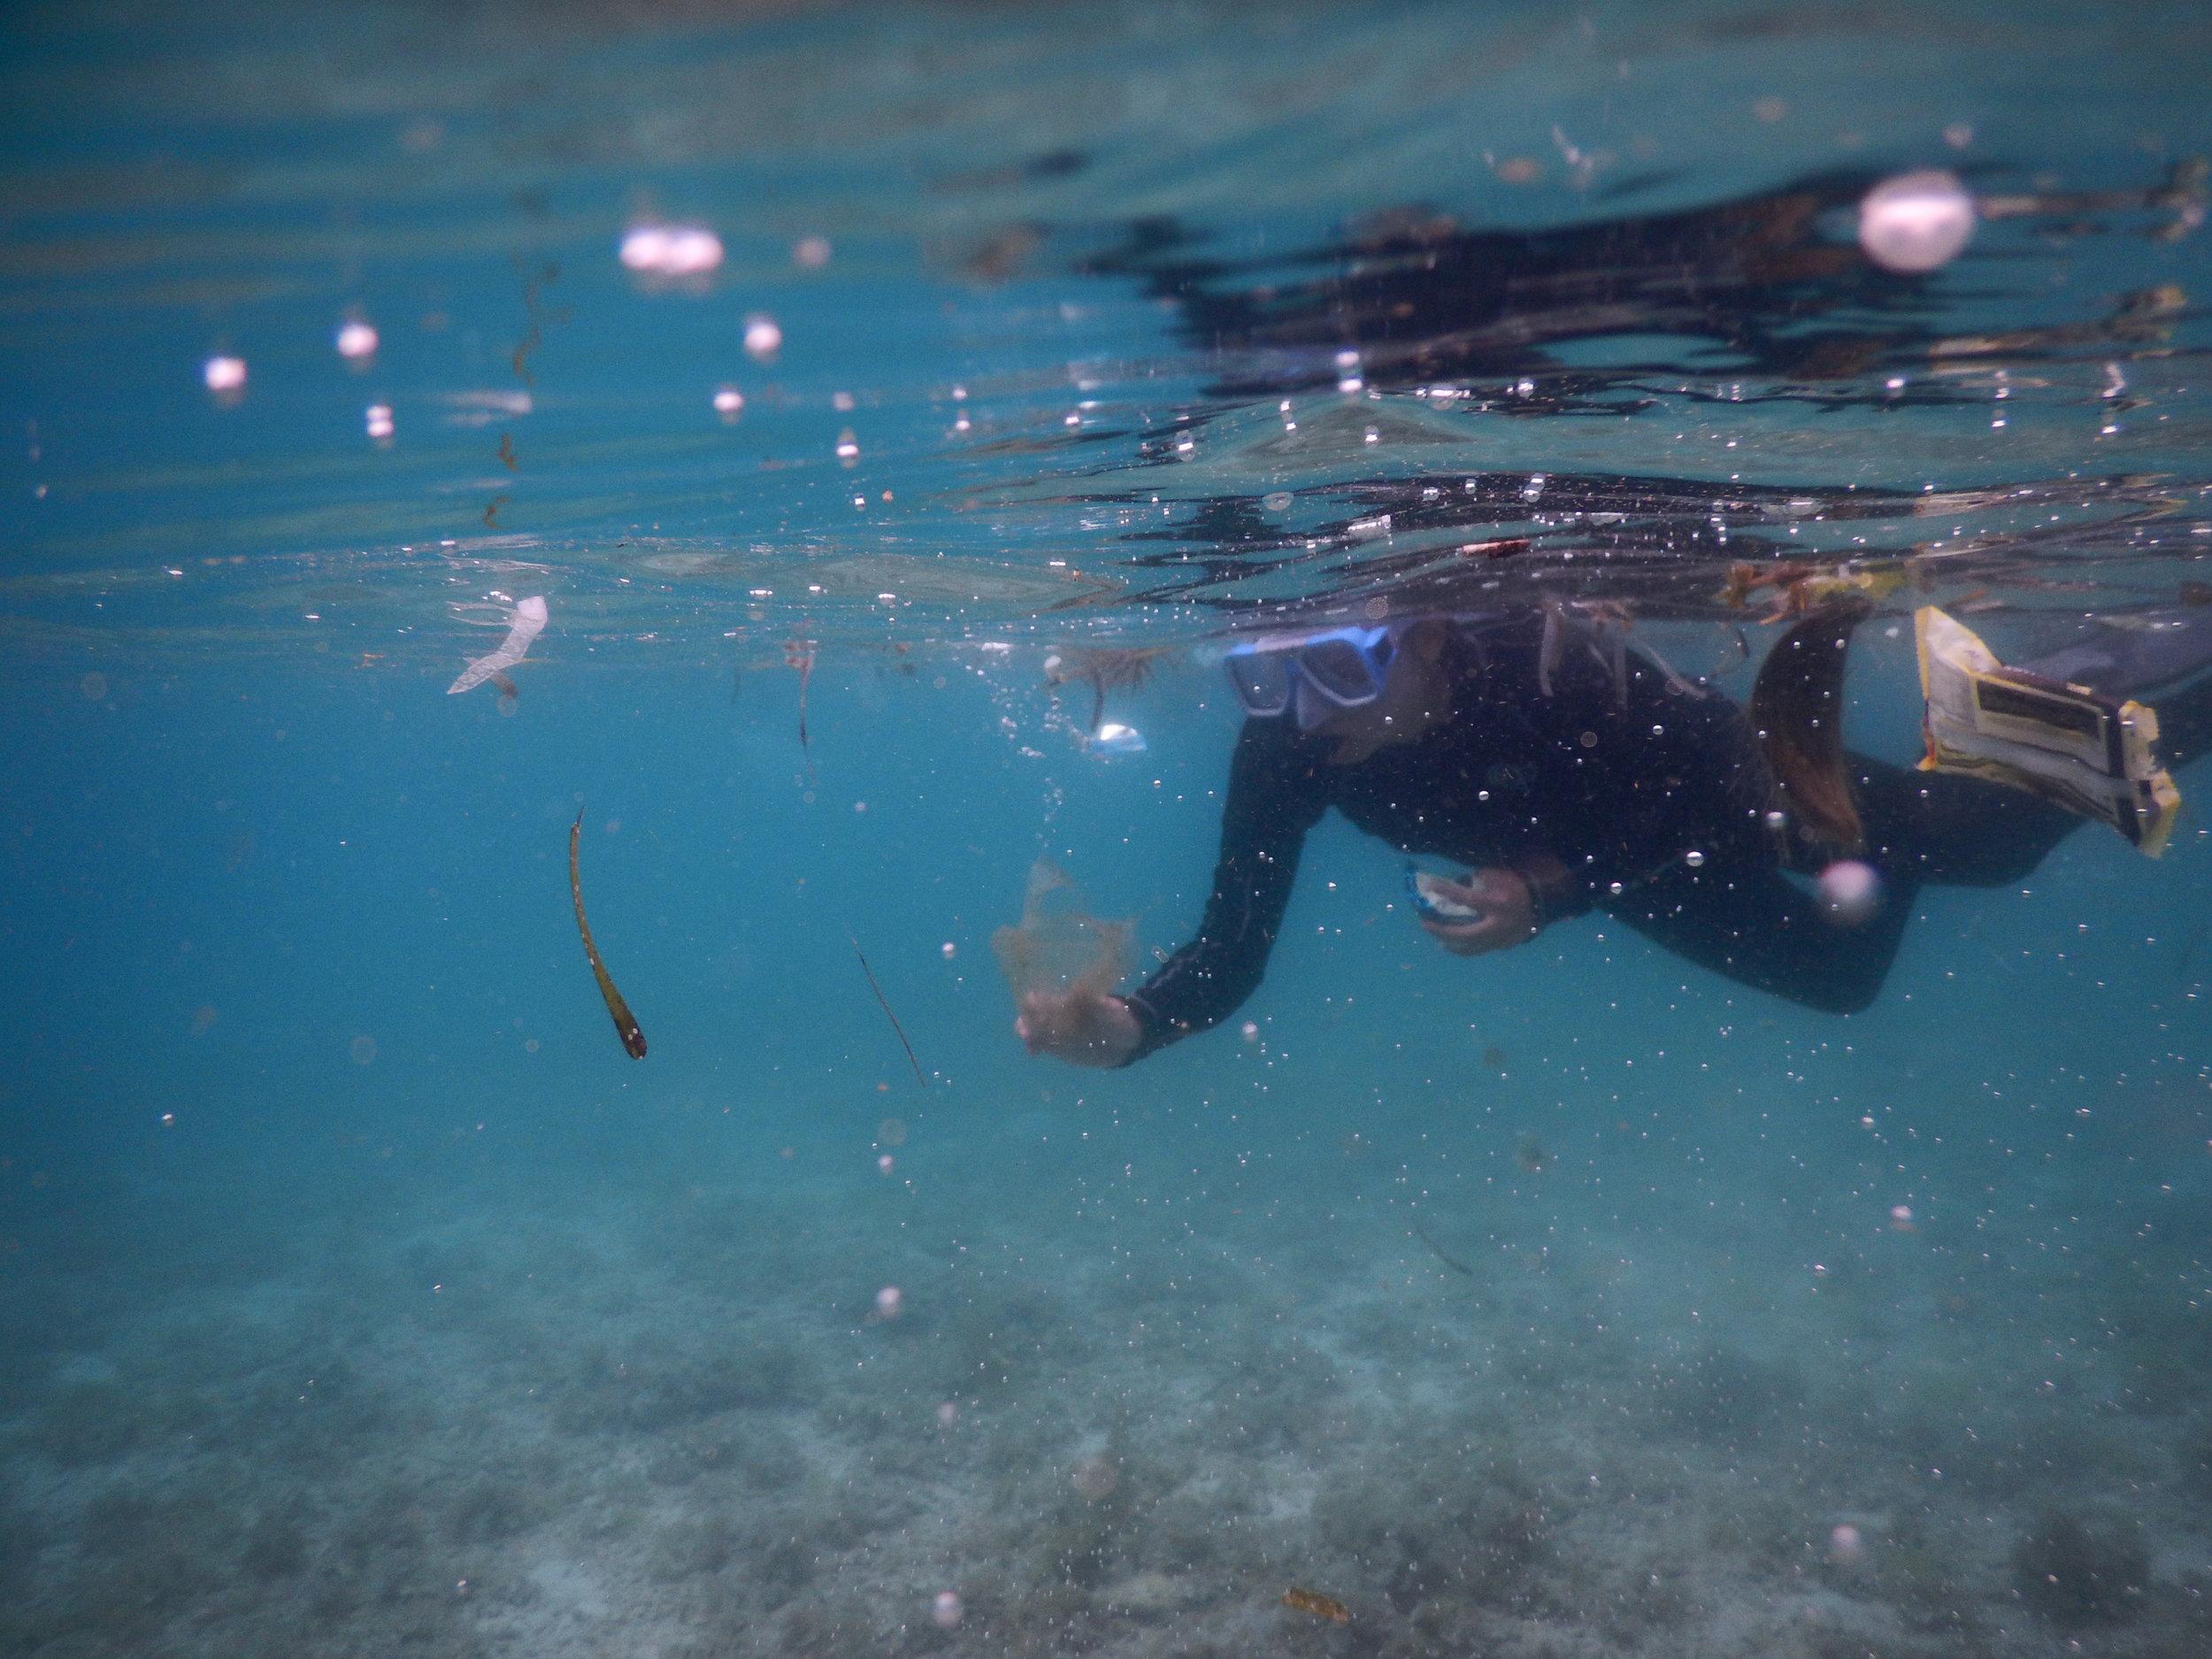 Underwater world cleanup